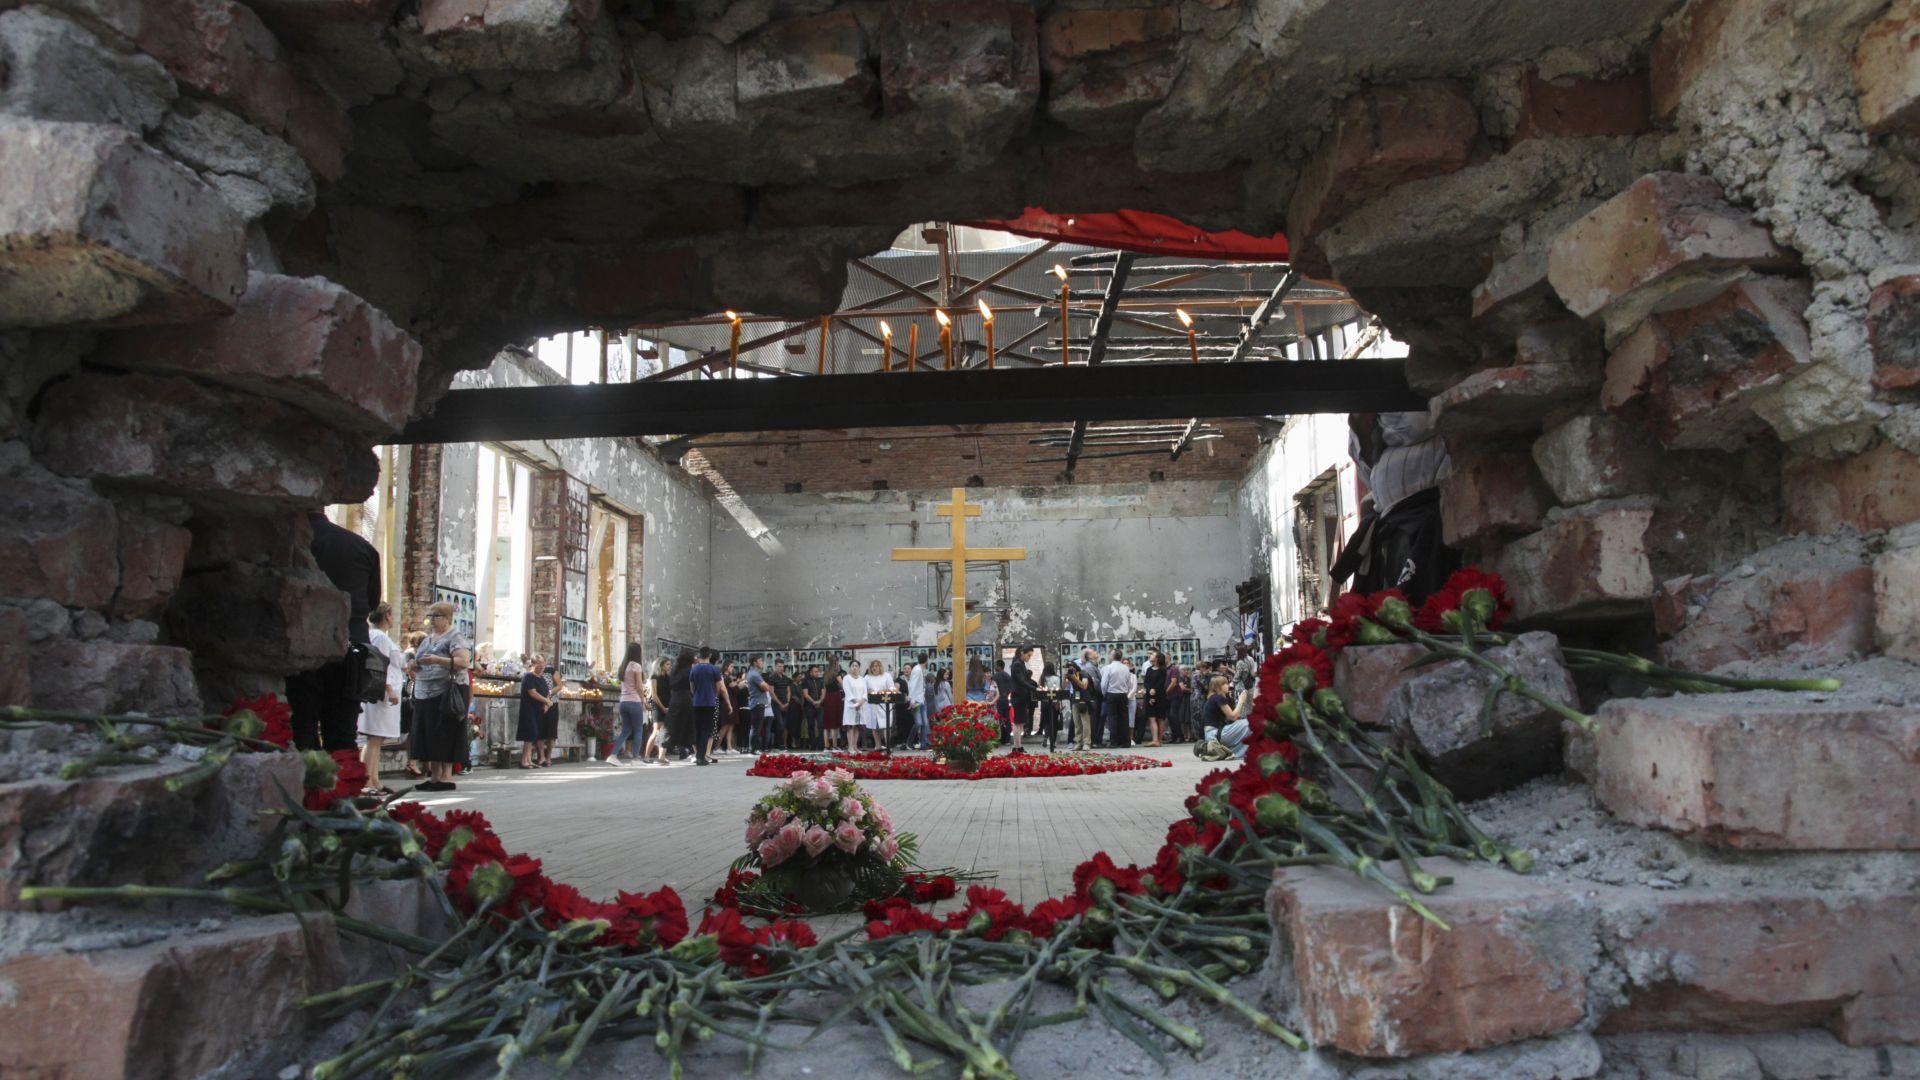 Хиляди почетоха паметта на жертвите в училището в Беслан (снимки)